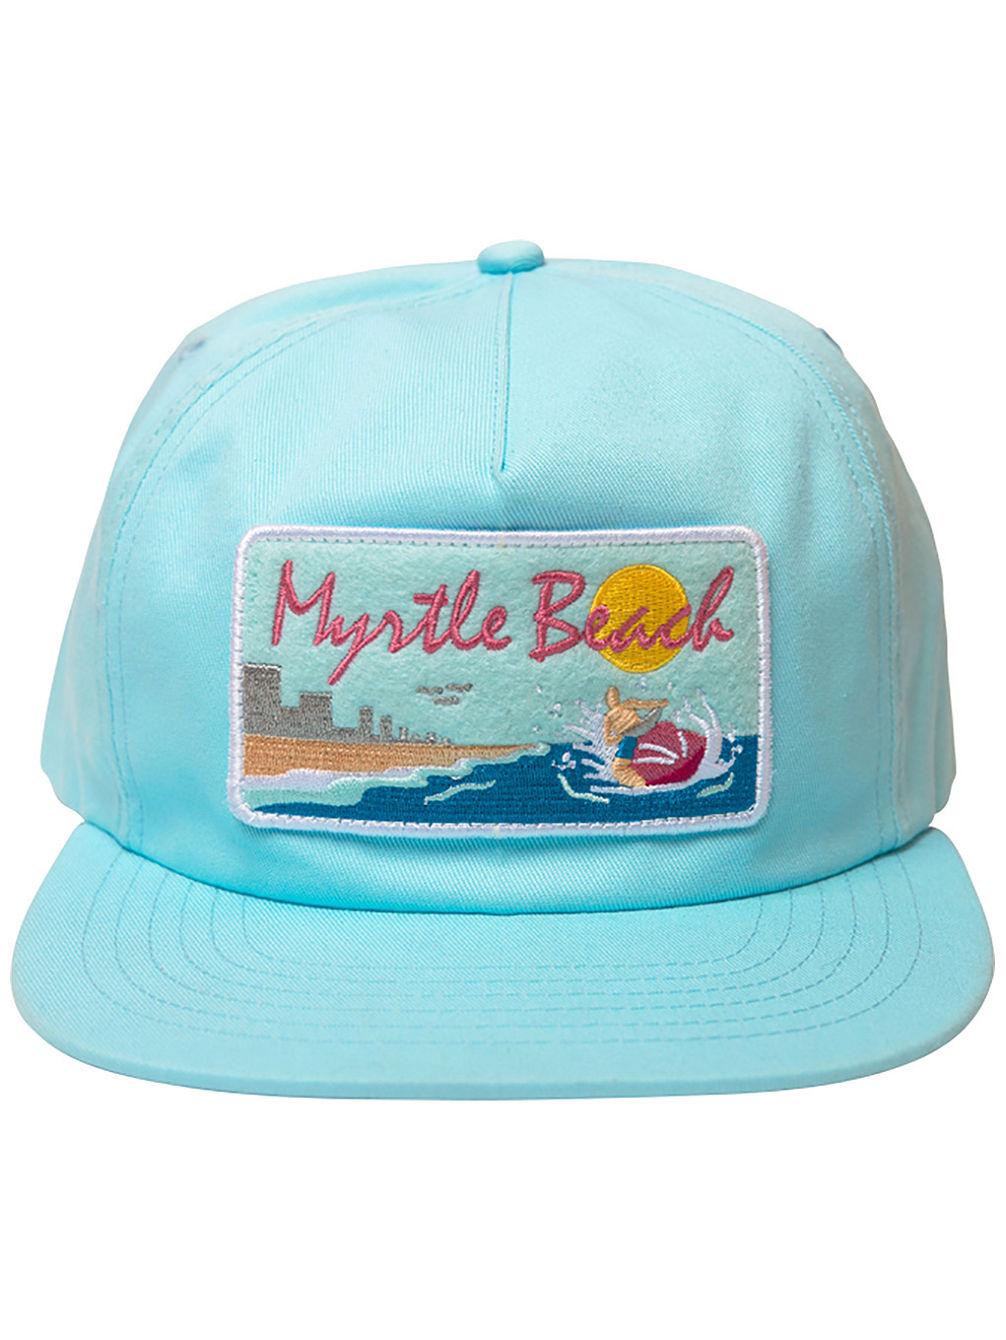 Skate Mental Myrtle Beach Cap online kaufen bei blue-tomato.com